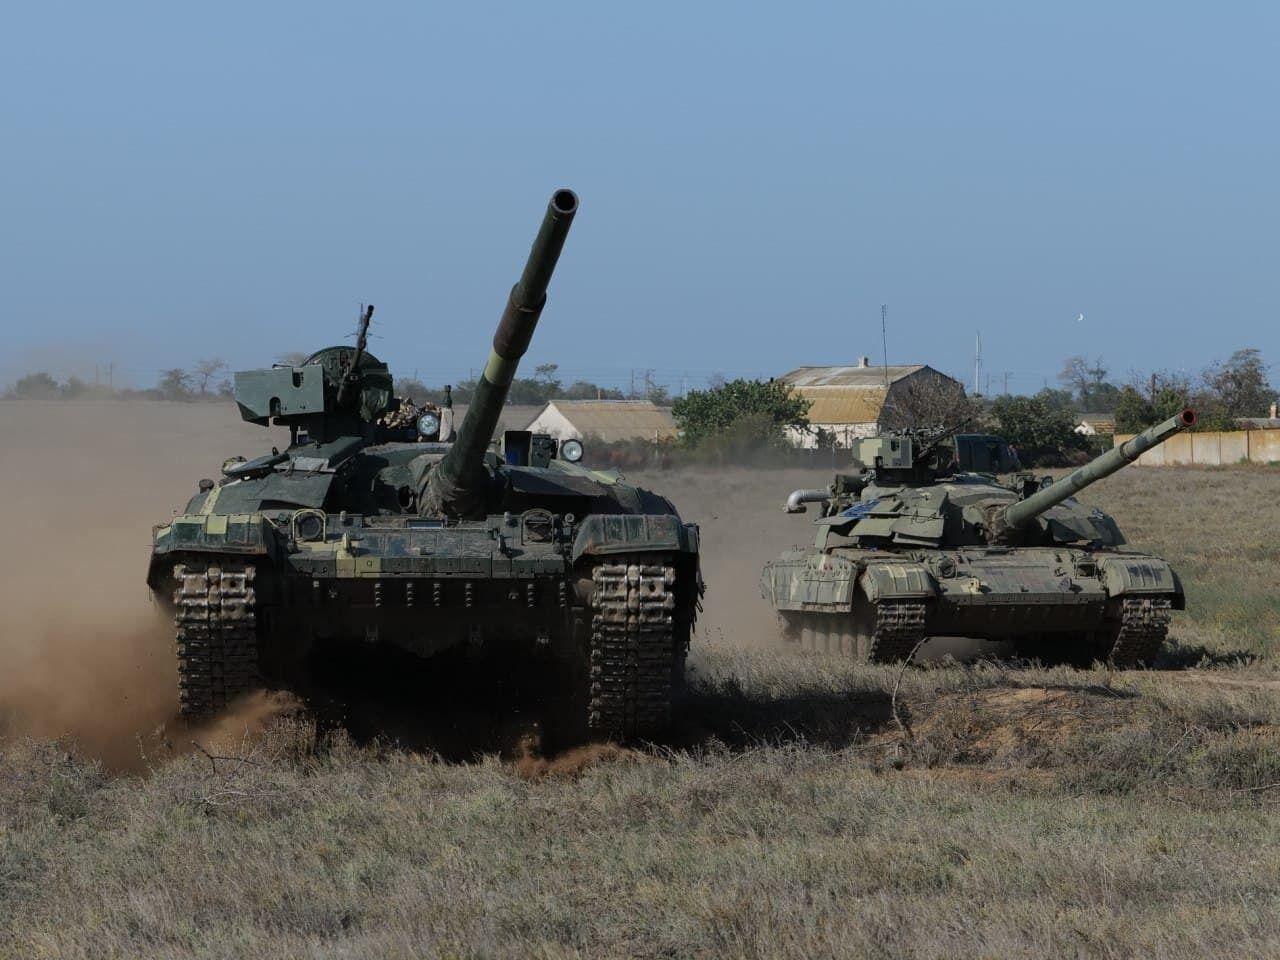 В программу учений танкистов ВСУ входила отработка элементов боя.